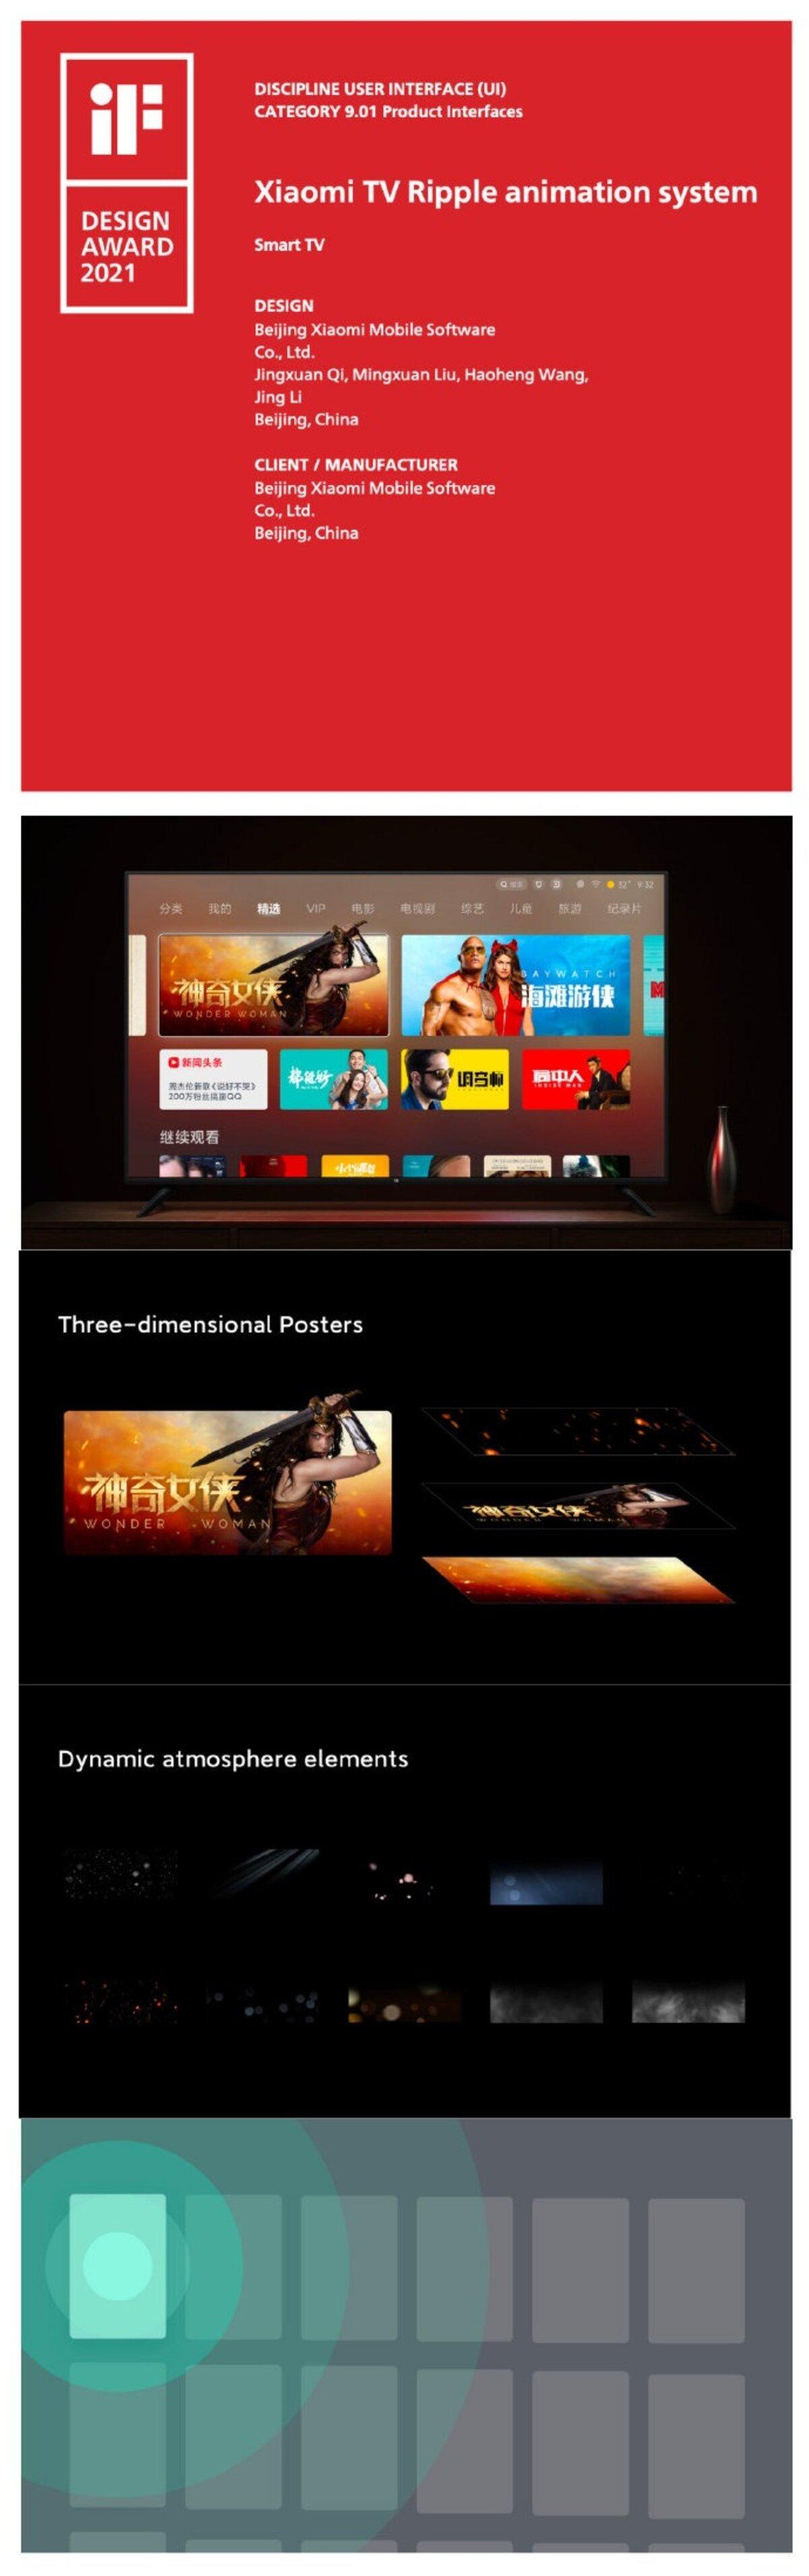 Message aux haters de MIUI: la couche de personnalisation de Xiaomi a été récompensée pour sa conception